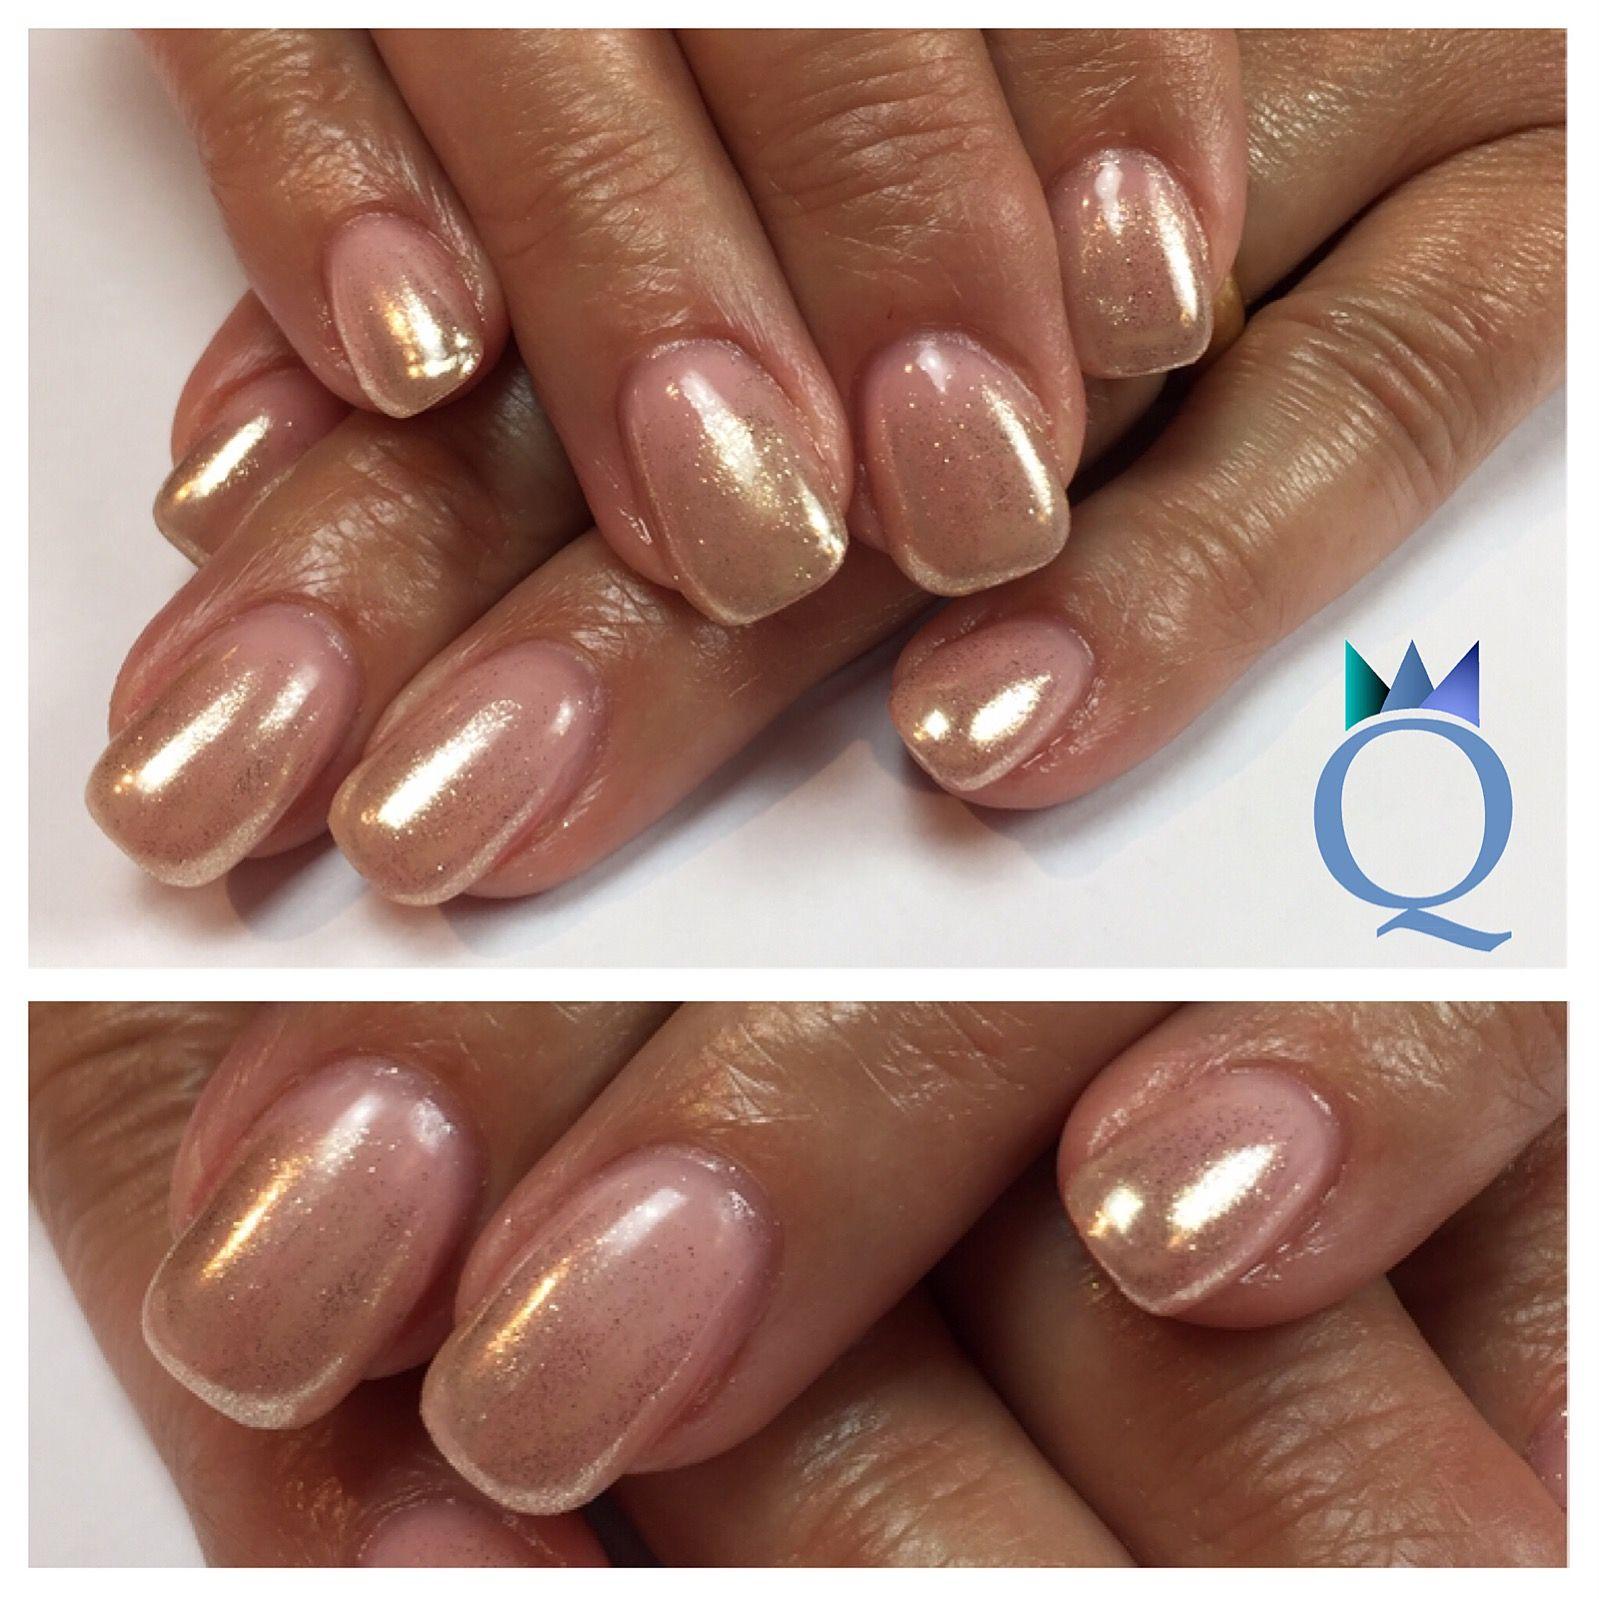 shortnails #gelnails #nails #goldchrome #ombre #kurzenägel #gelnägel ...